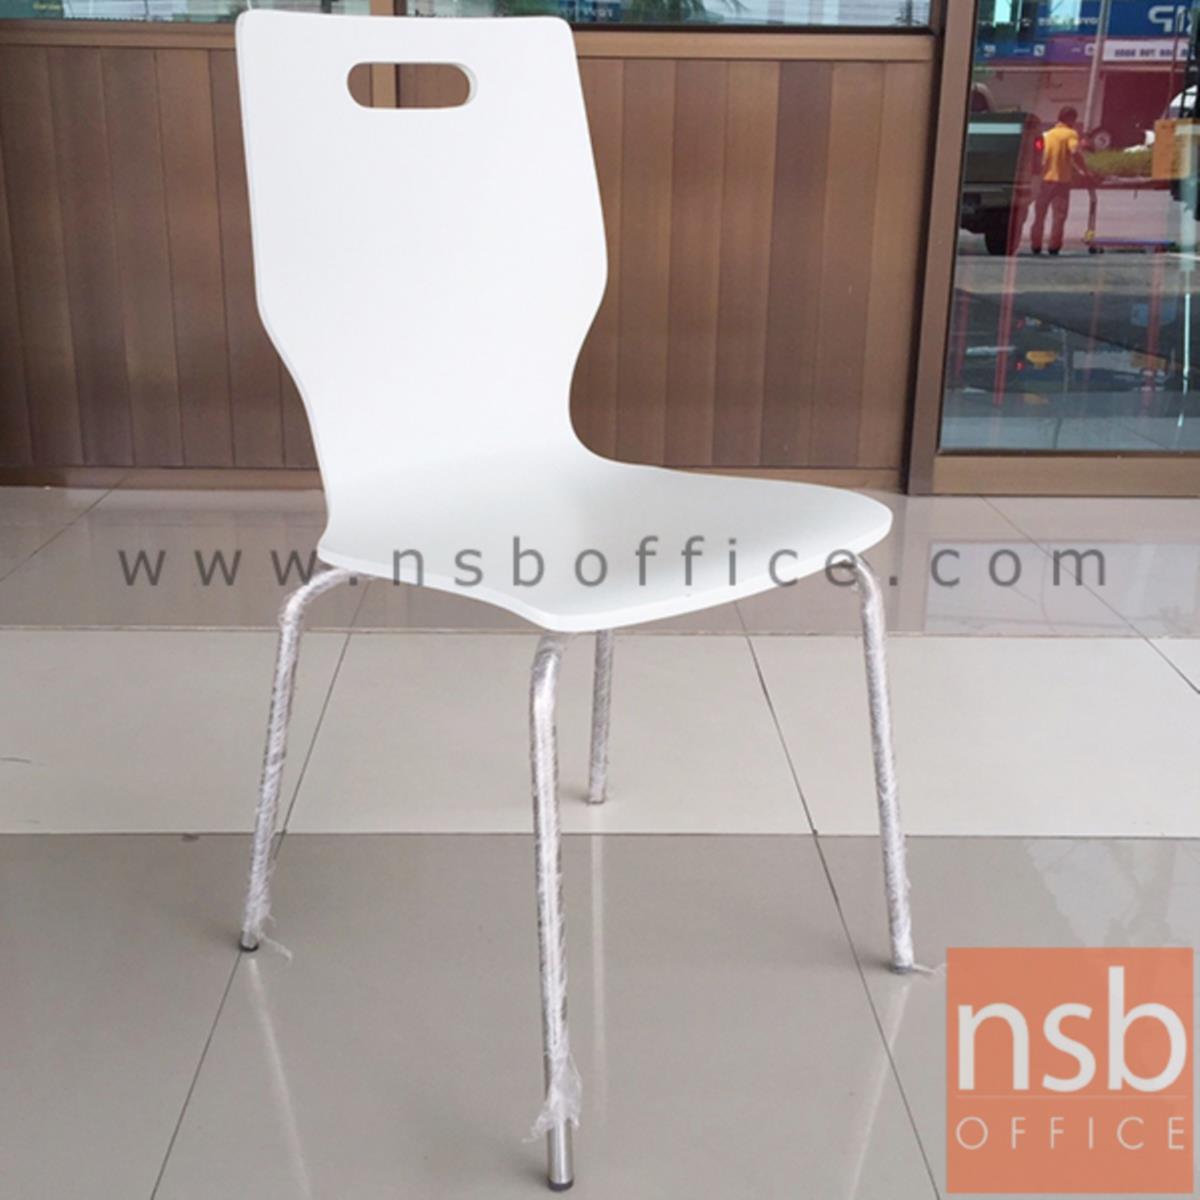 เก้าอี้อเนกประสงค์ไม้ รุ่น Swayze (สเวซี) ขนาด 86H cm.  ขาเหล็กชุบโครเมี่ยม